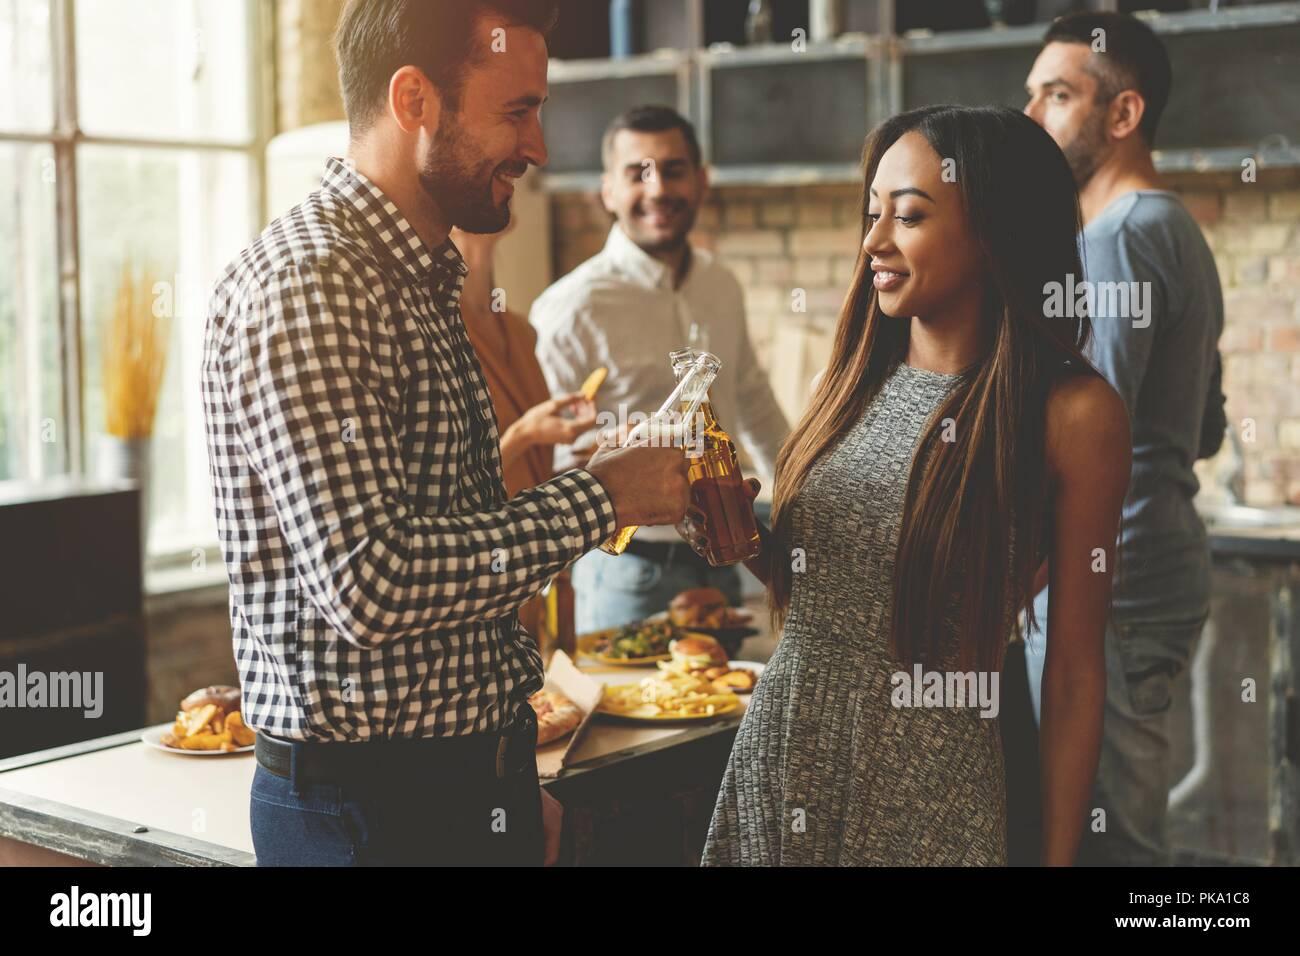 Partito con i migliori amici. Il gruppo di allegro giovani godendo di partito a casa con spuntini e bevande durante la comunicazione sulla cucina. Immagini Stock